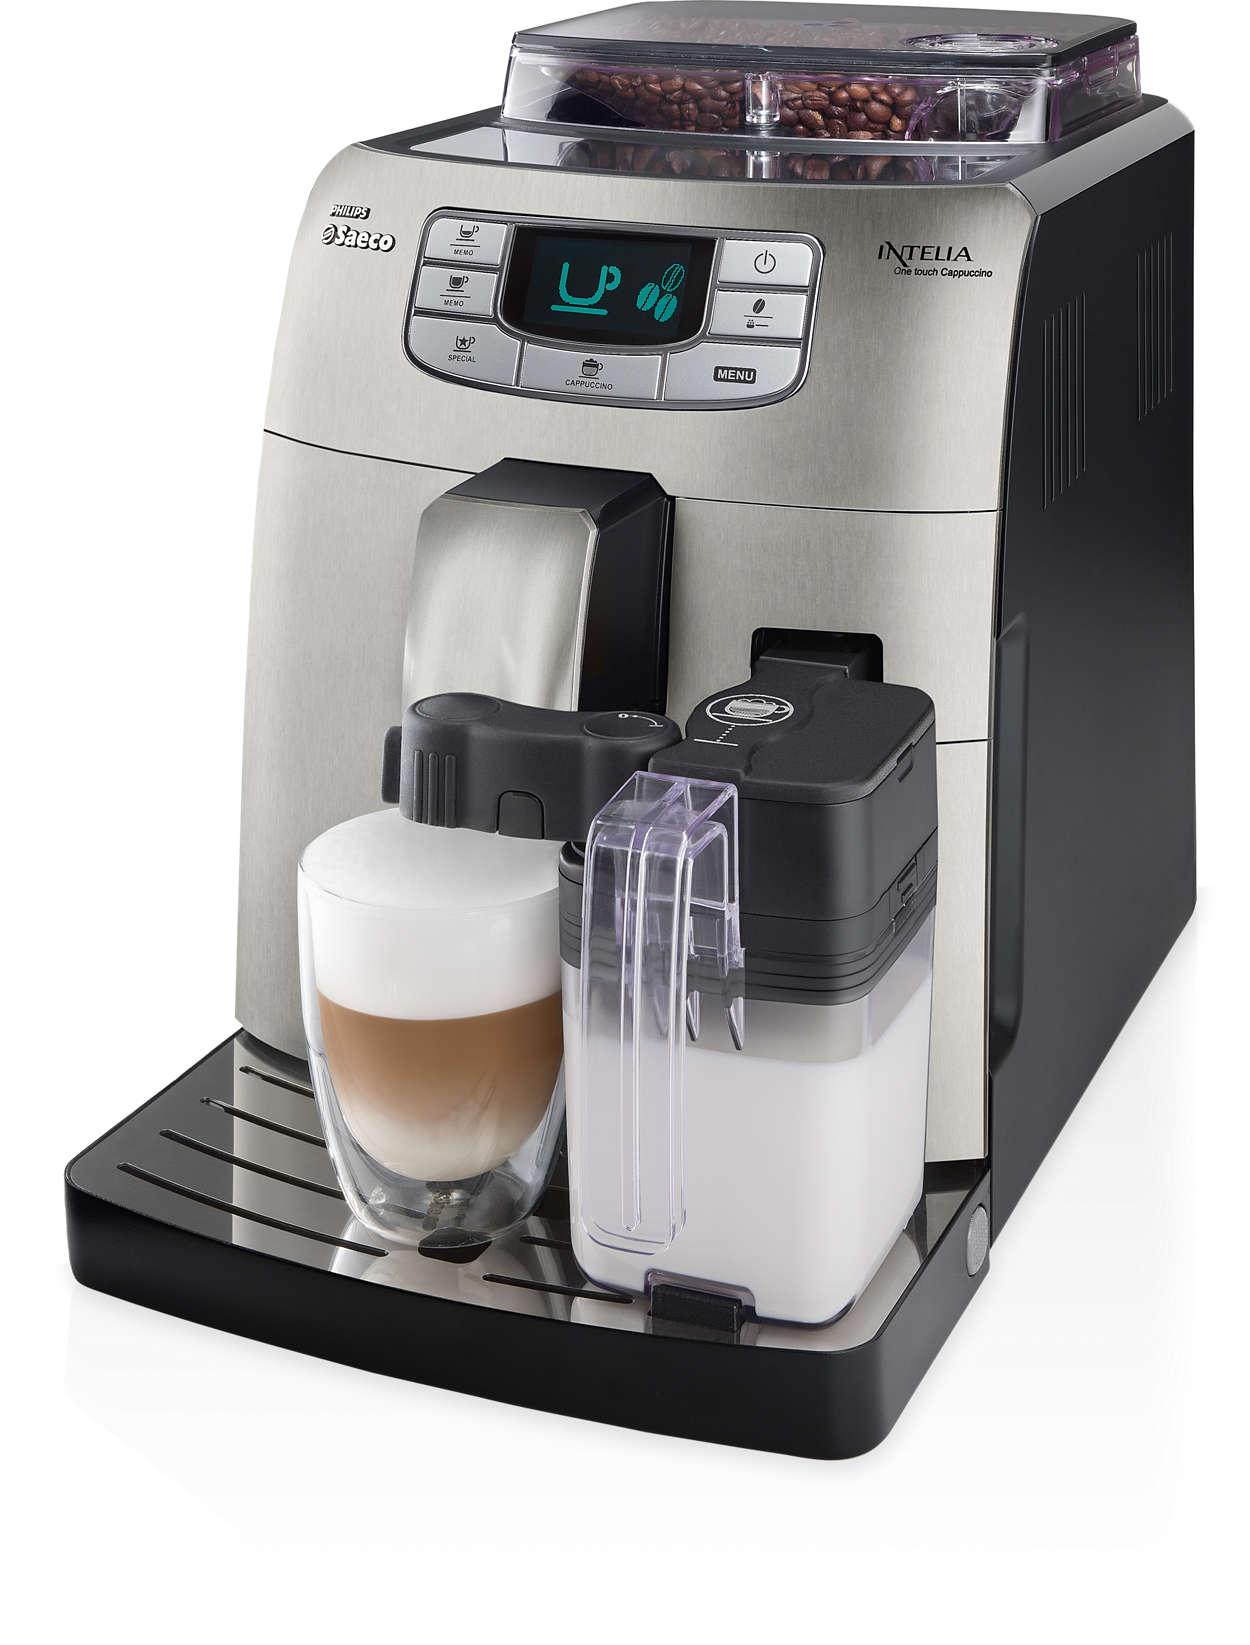 Café espresso y cappuccino, solo pulsando un botón